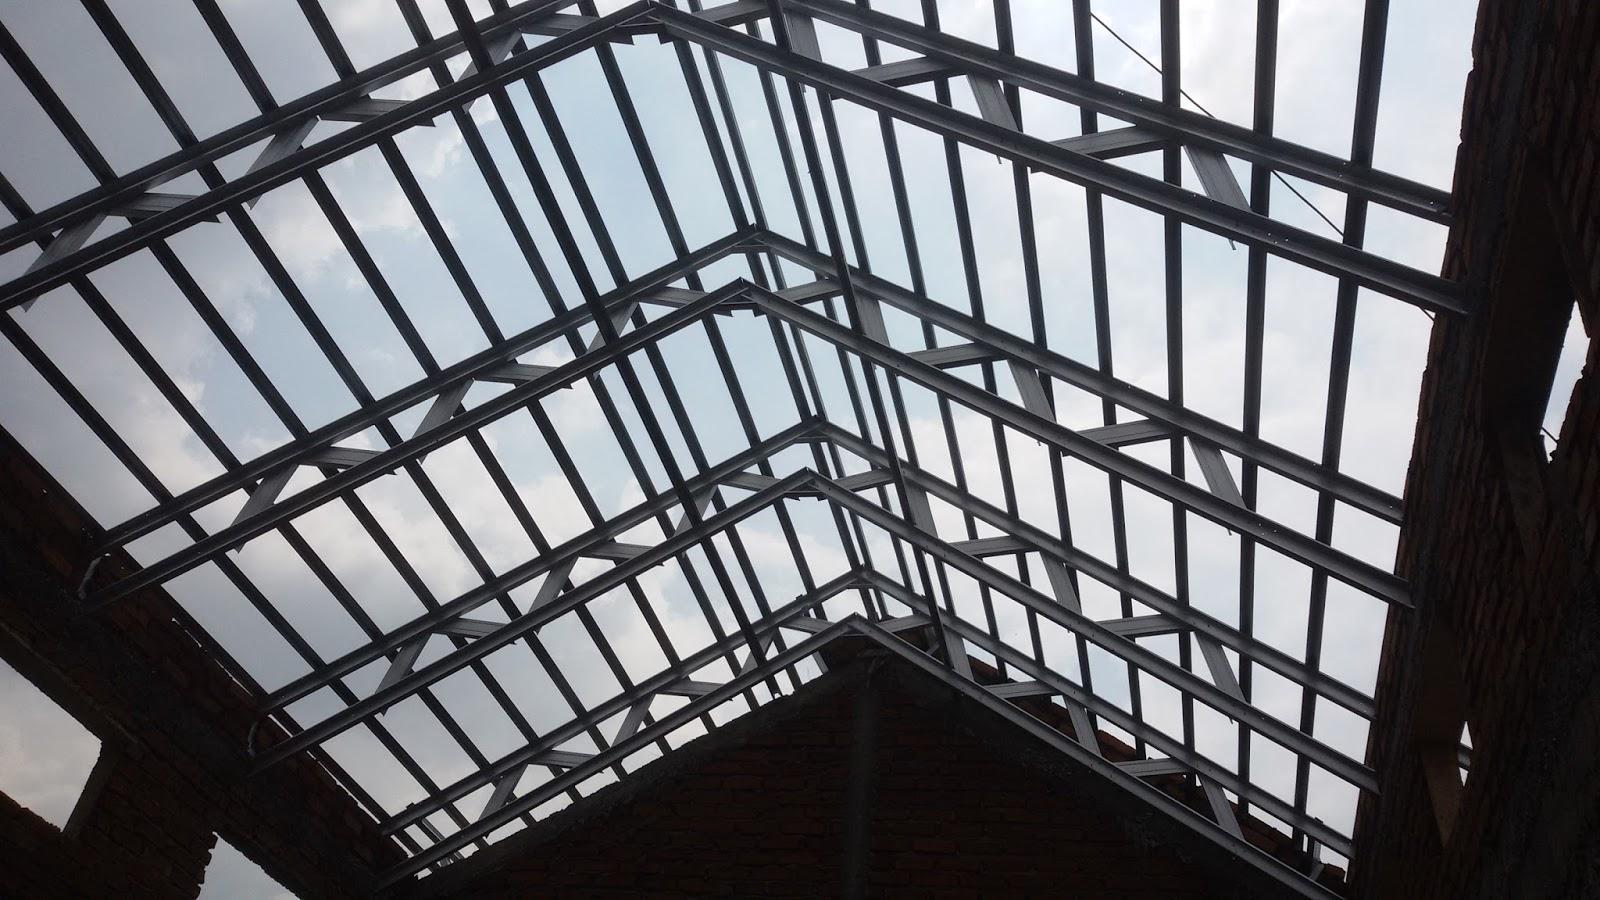 Pasang Baja Ringan Garut Rangka Jual Atap